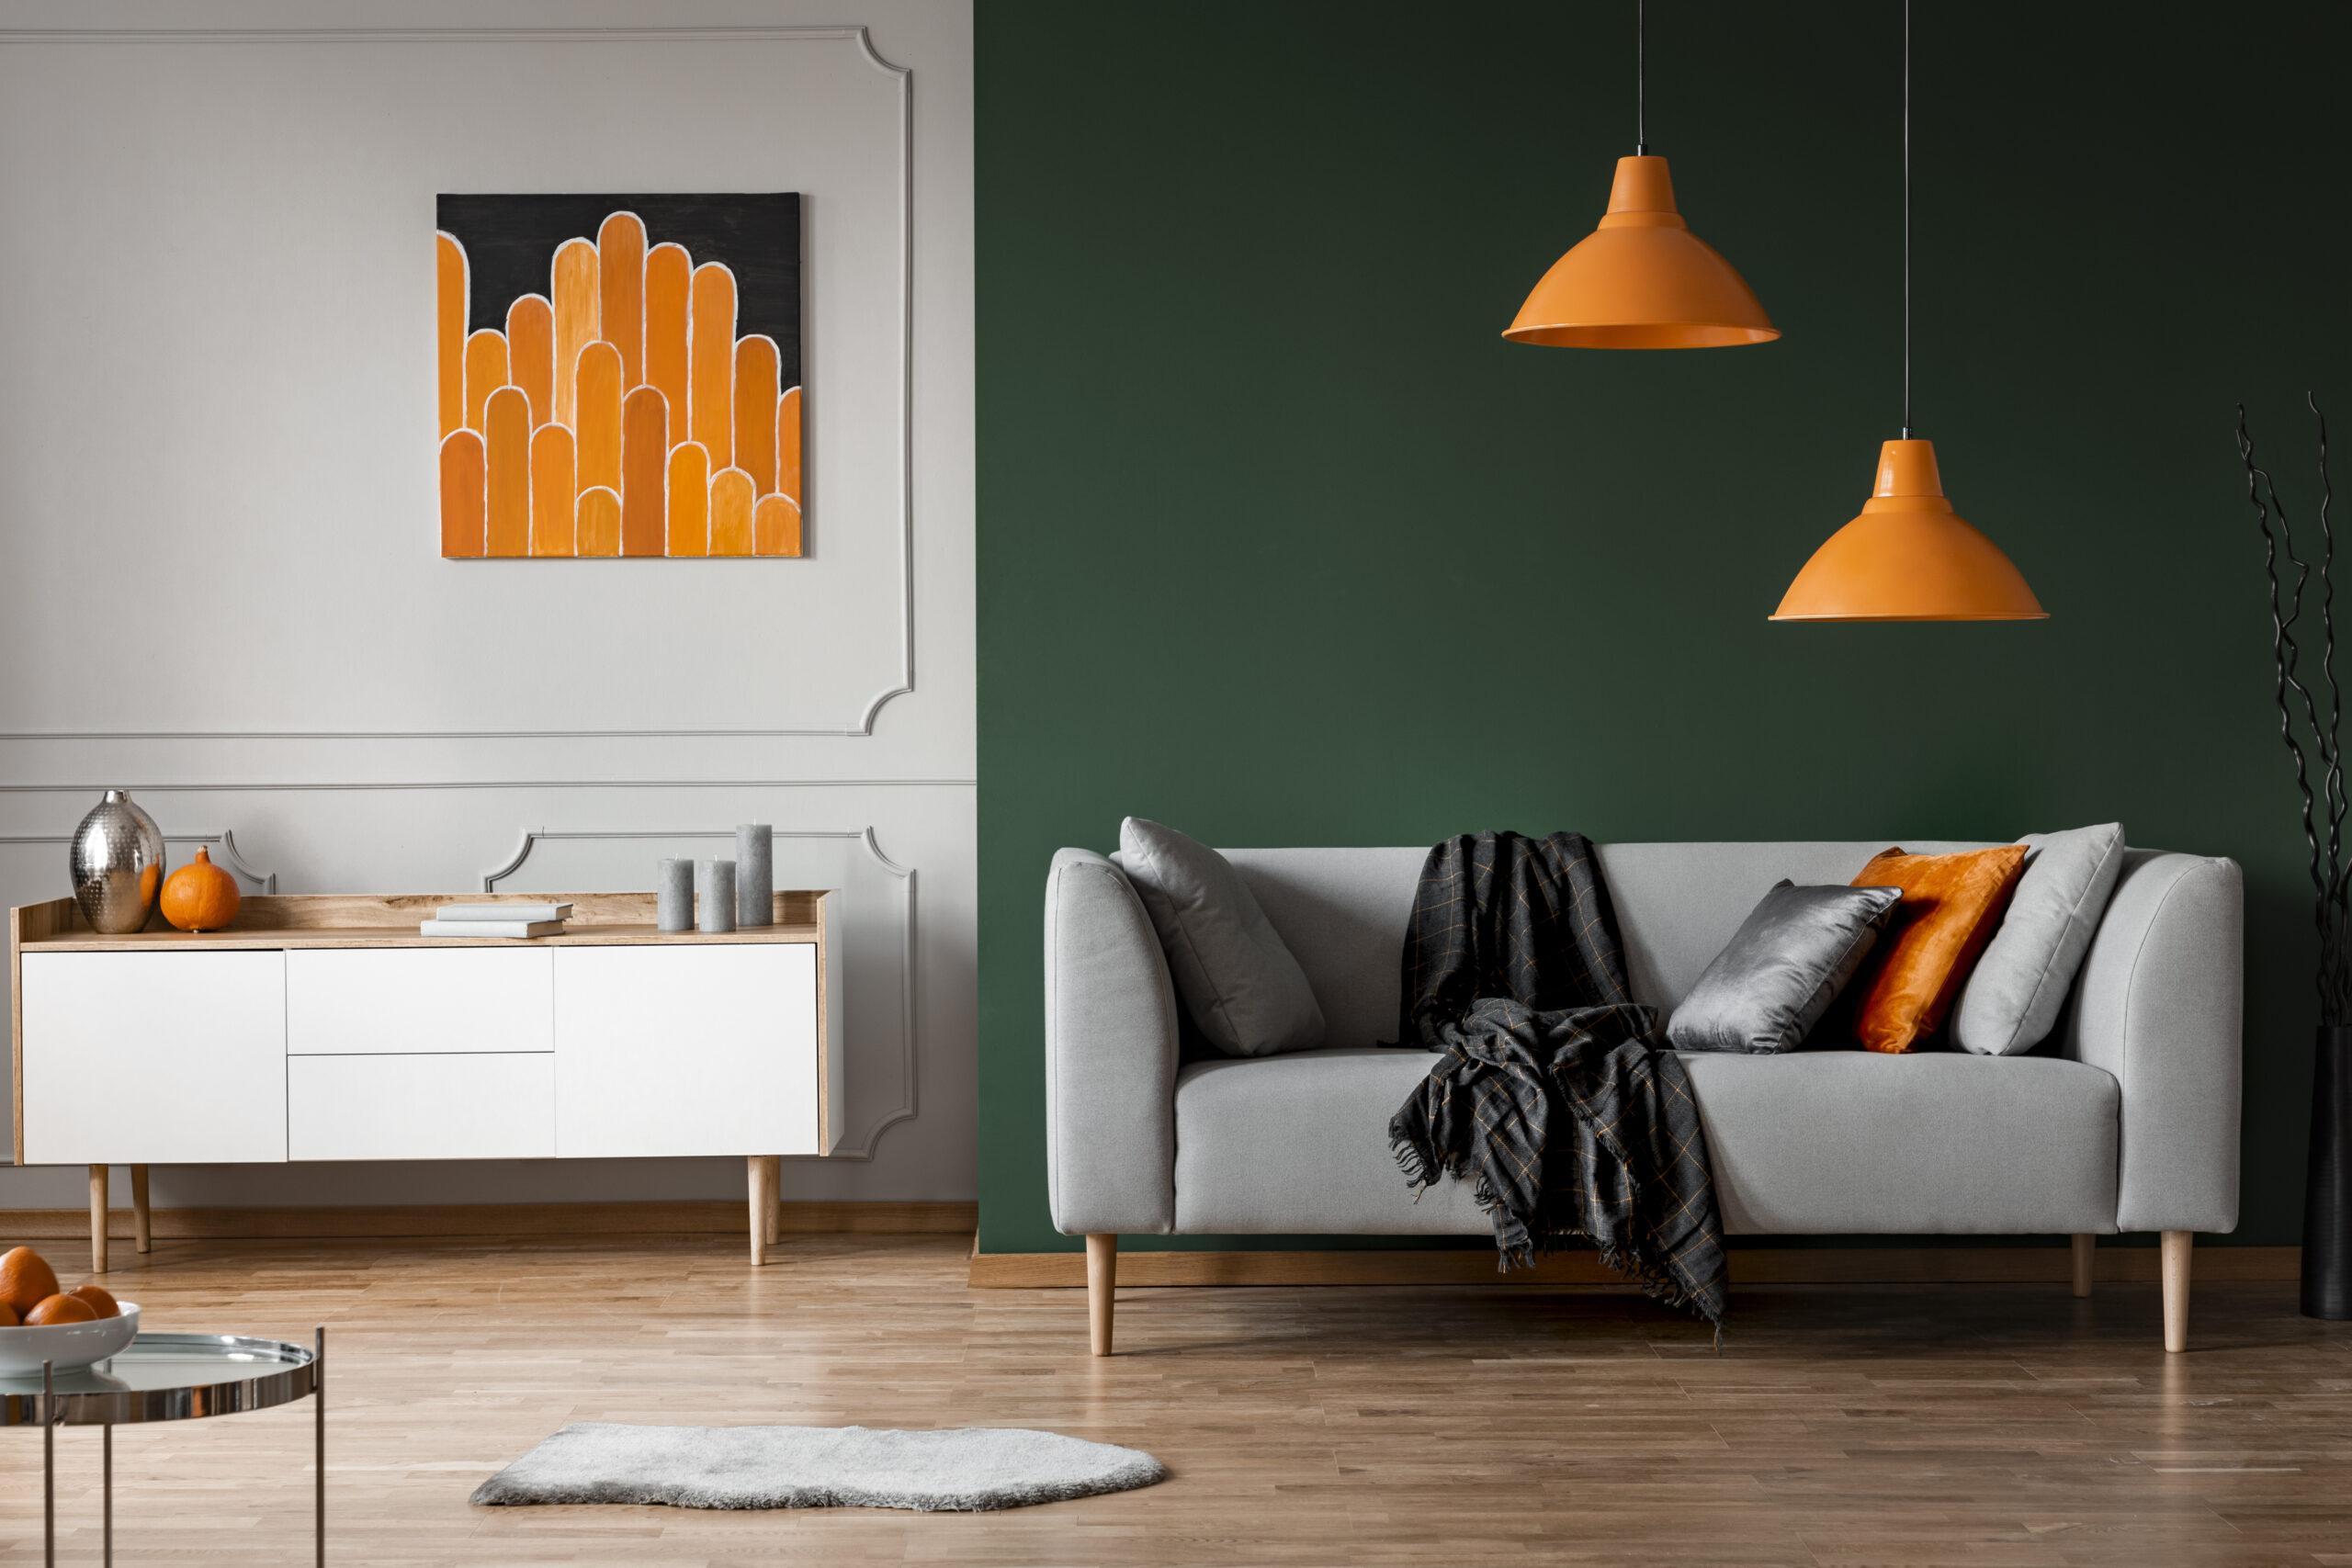 progettazione interni zucchi designi d'interni